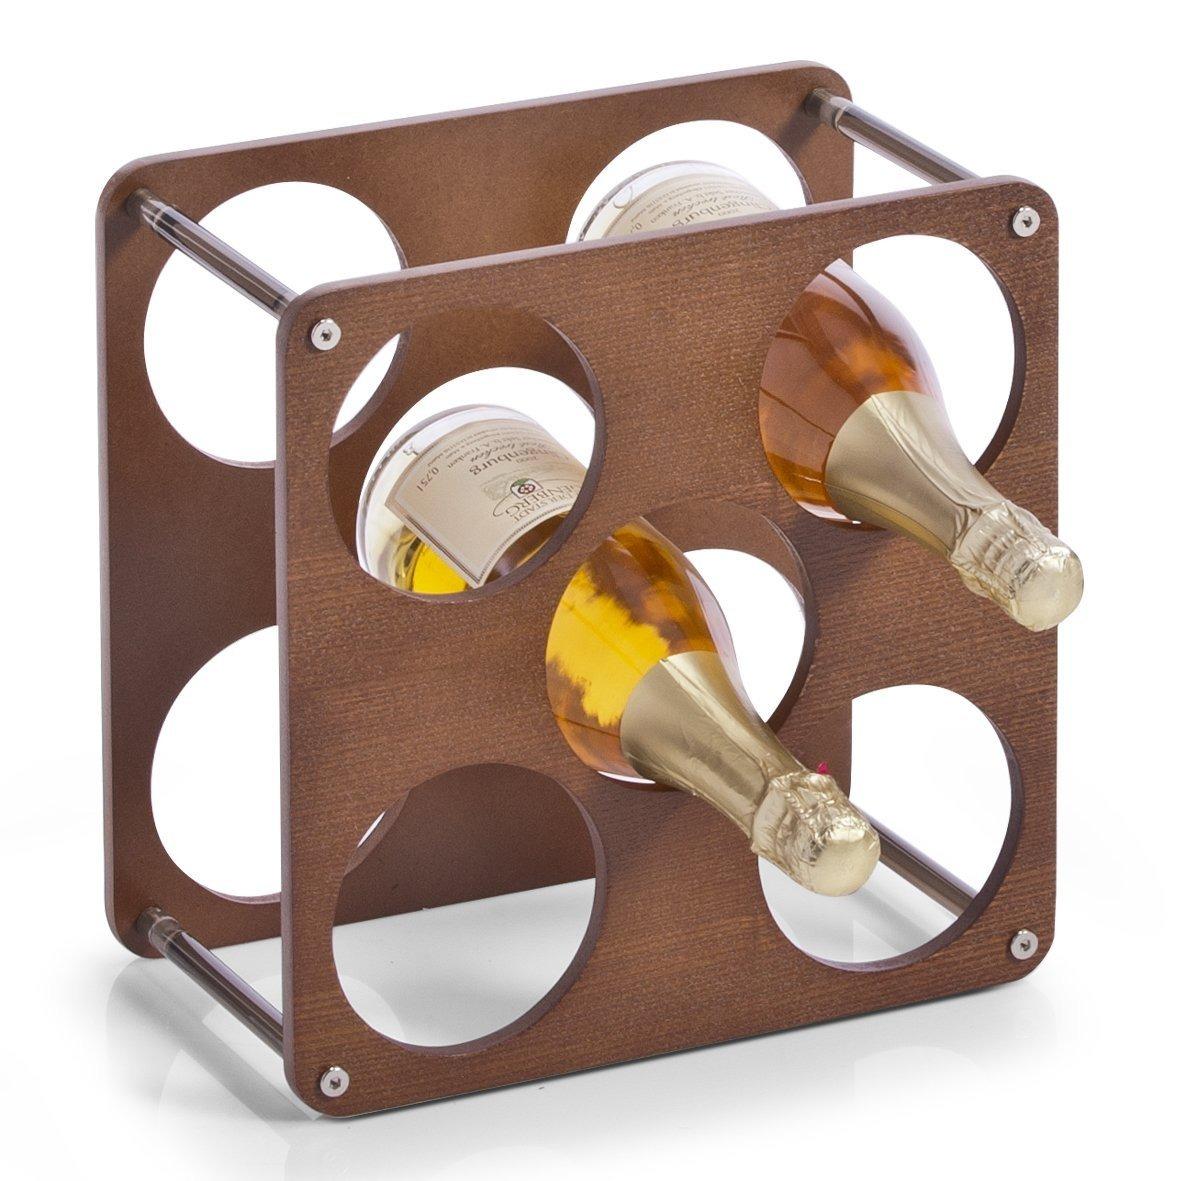 Stojan na víno, alkohol, láhve - 5 lahví 1 L ZELLER